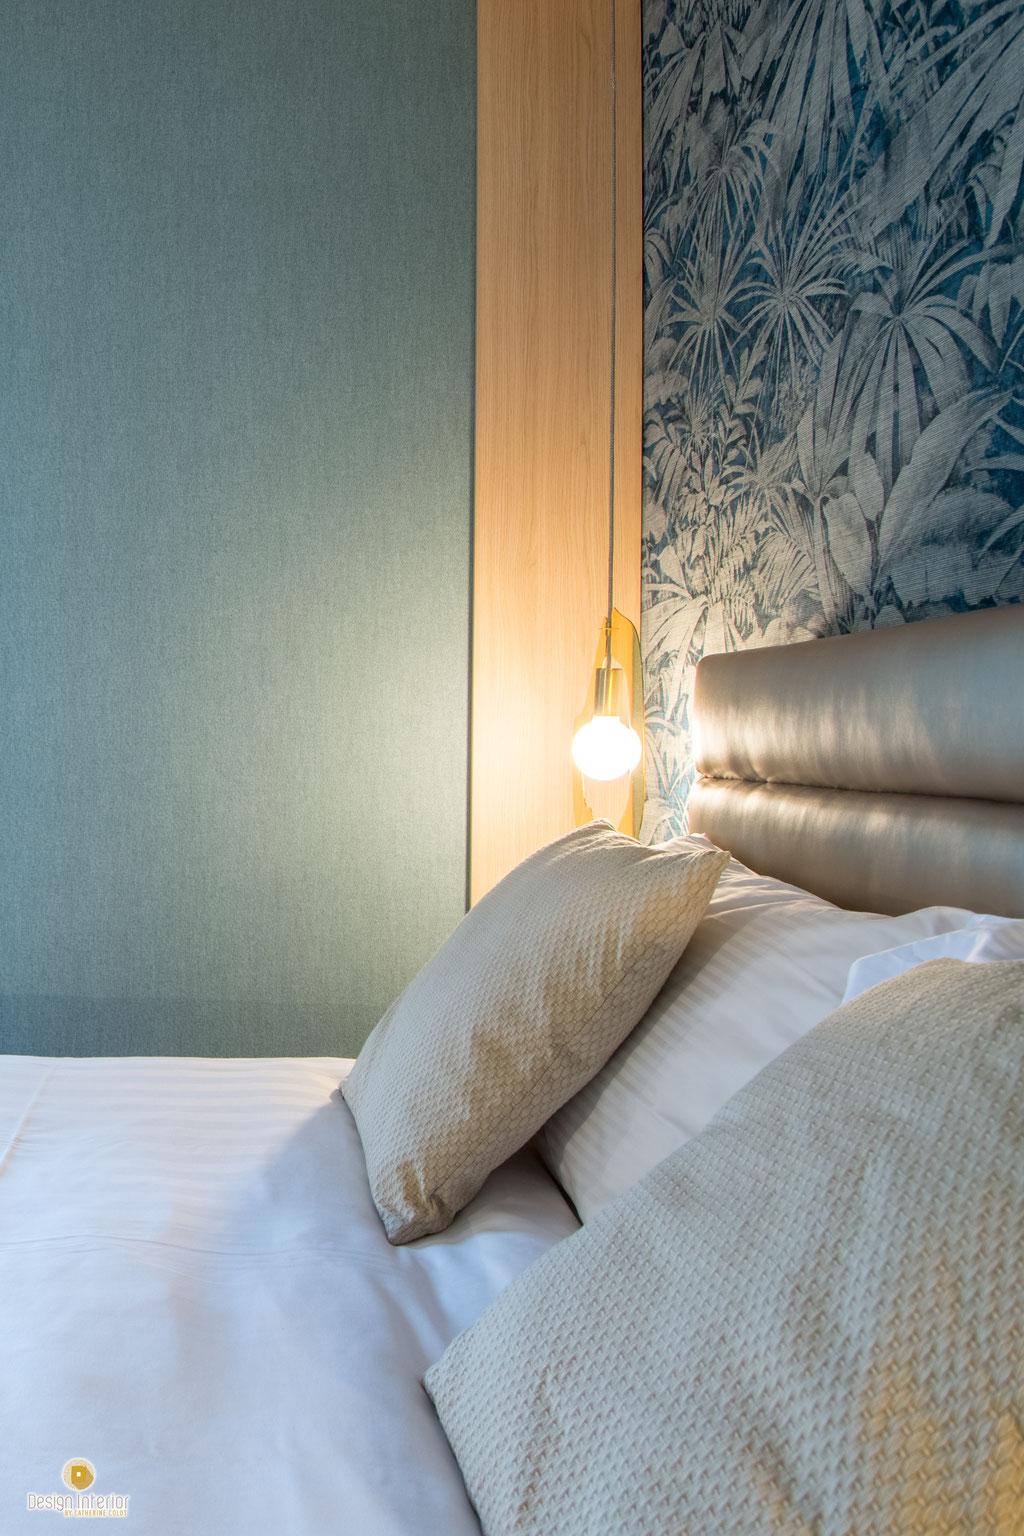 Rénovation suite parentale d'une chambre d'hôtel à 55Rénovation et décoration d'une chambre d'hôtel à Celles Houyet  Création mobilier sur mesure Décoratrice d'int60 Celles Houyet Décoratrice d'intérieur UFDI Catherine Colot Design Interior 5580 Rochefort